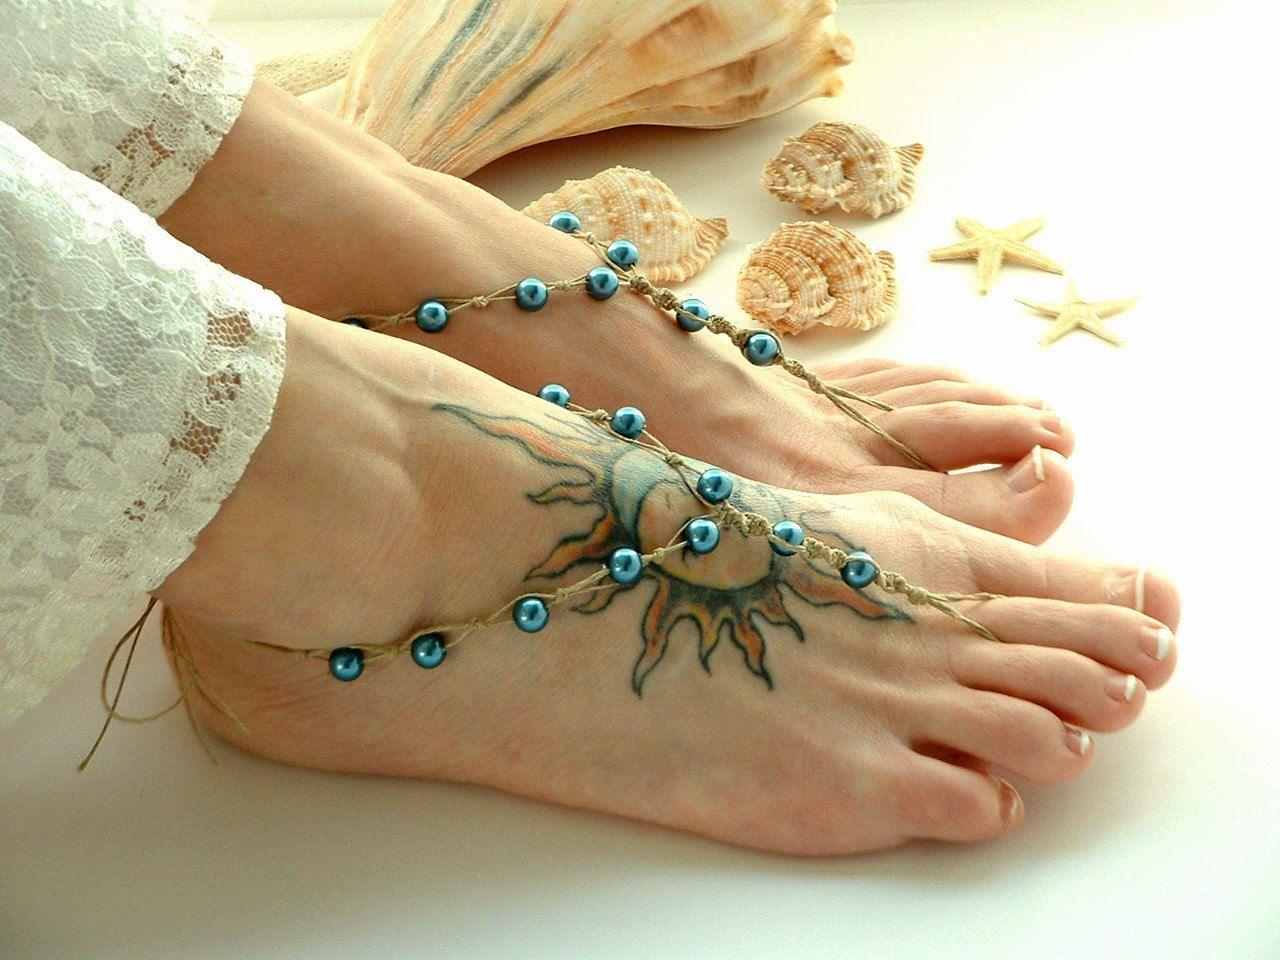 Handmade Barefoot Sandals Teal Blue